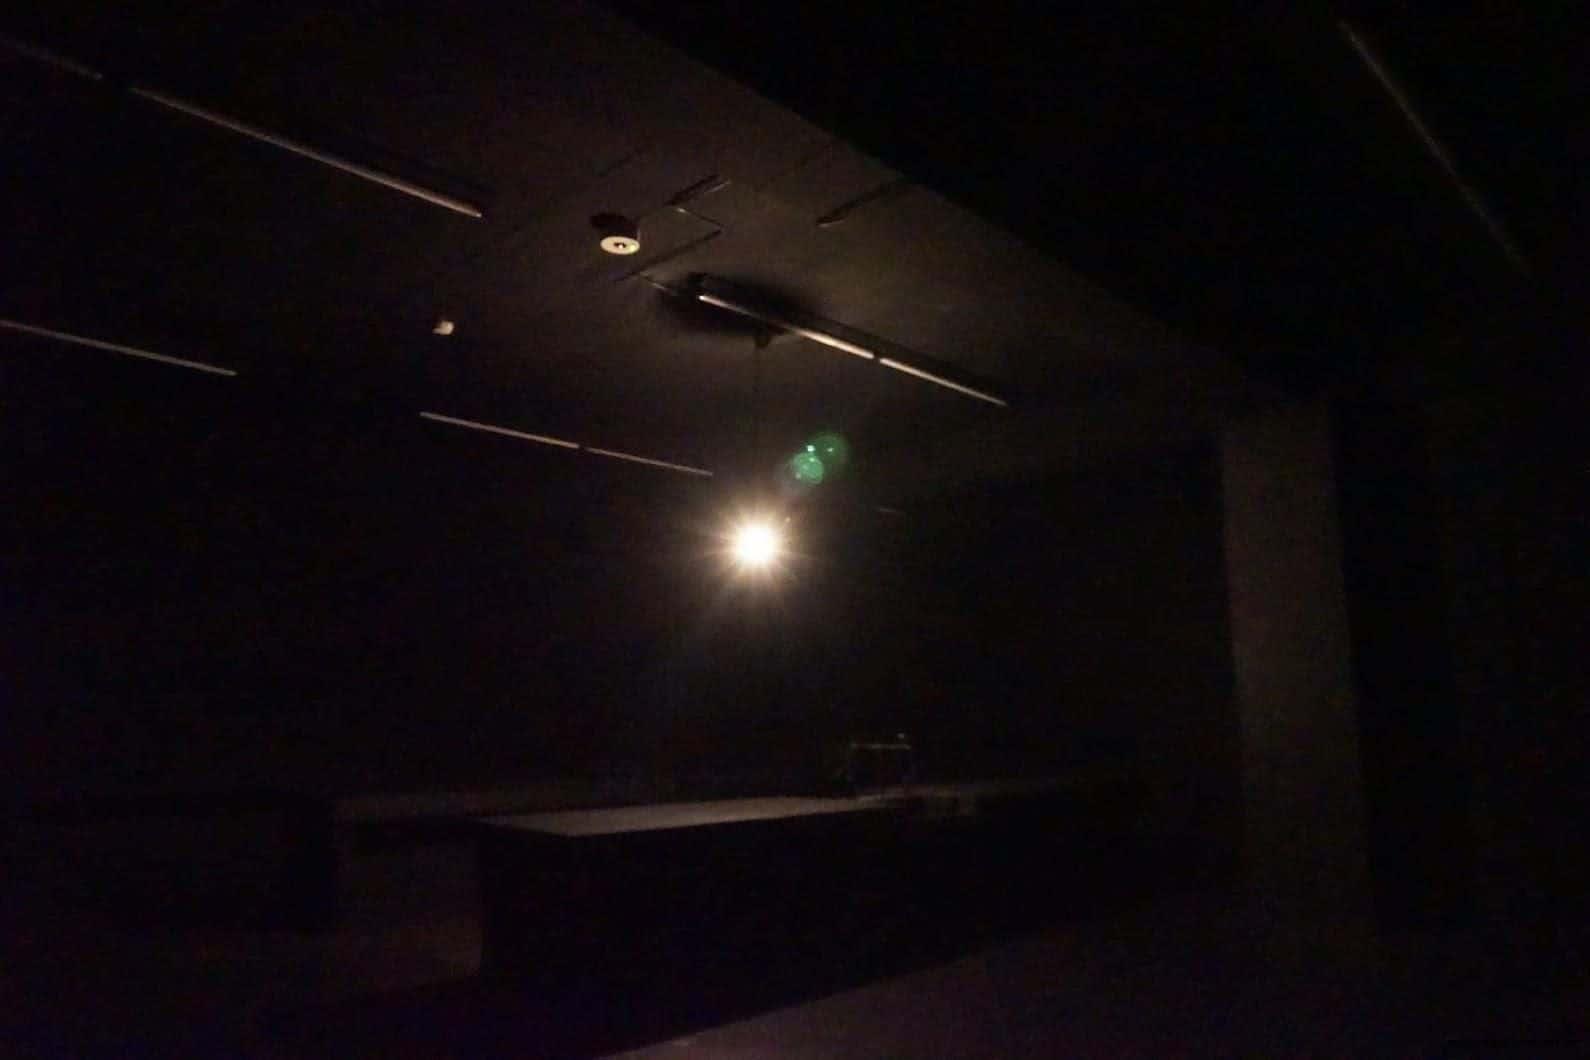 克利斯蒂安‧波爾坦斯基+將‧卡爾曼,最後的教室,一盞垂落的燈、拉子的鐵門,昏暗燈光隨著燈泡擺盪 克利斯蒂安‧波爾坦斯基+將‧卡爾曼,最後的教室,伴隨著「動...動...動...」有頻率的低音敲打,燈泡也跟著明亮或熄滅,無形的壓力圍繞在身旁,忍不住想要快點離開這個鬼地方 最後的教室 最後的教室 the last class 05 0x0